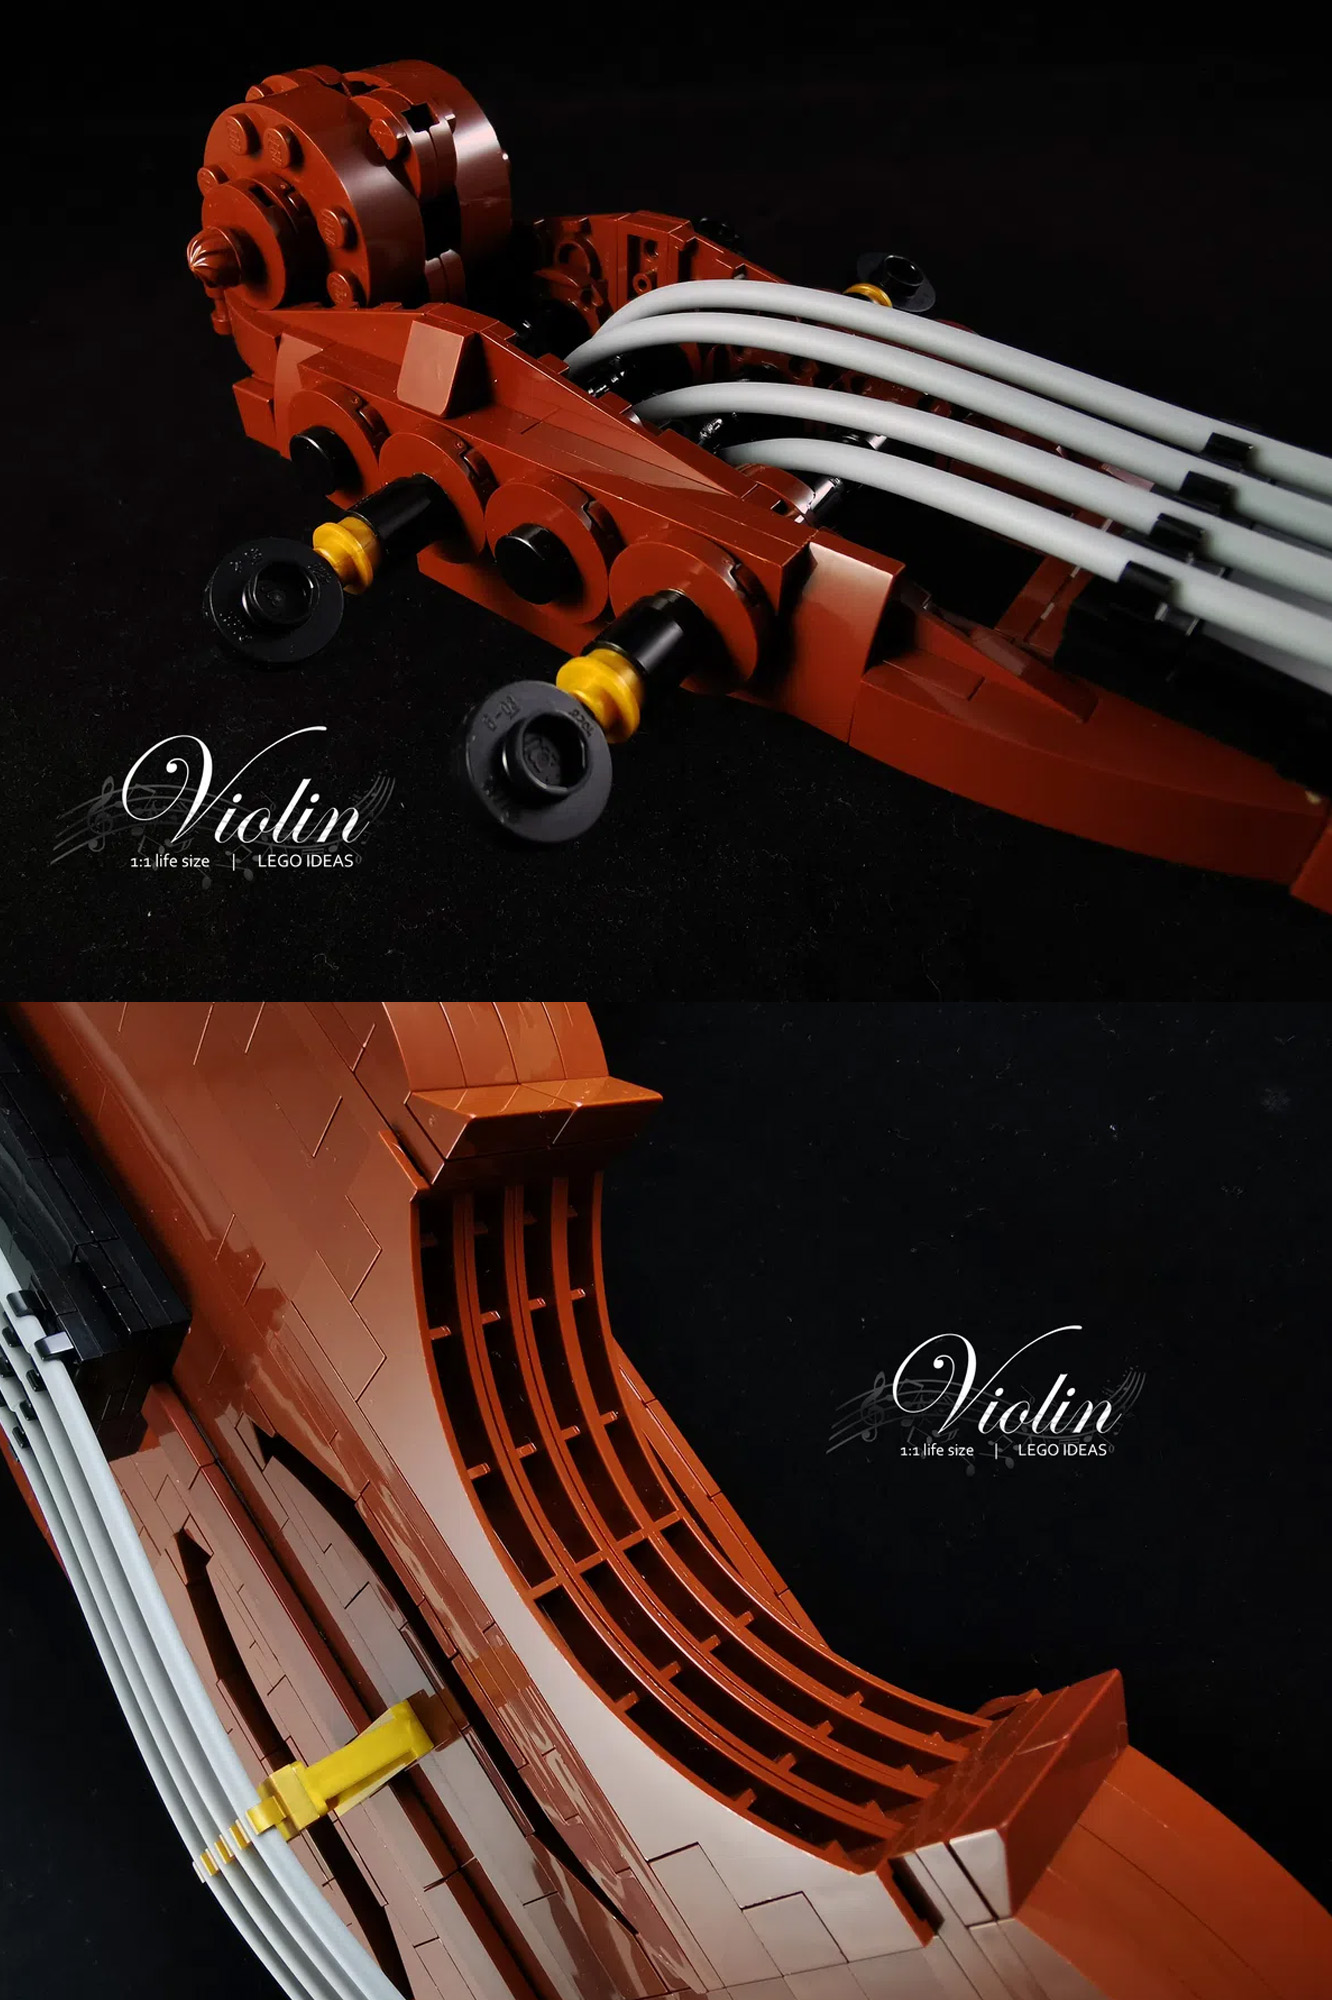 レゴアイデアで『ヴァイオリン』が製品化レビュー進出!2021年第1回1万サポート獲得デザイン紹介